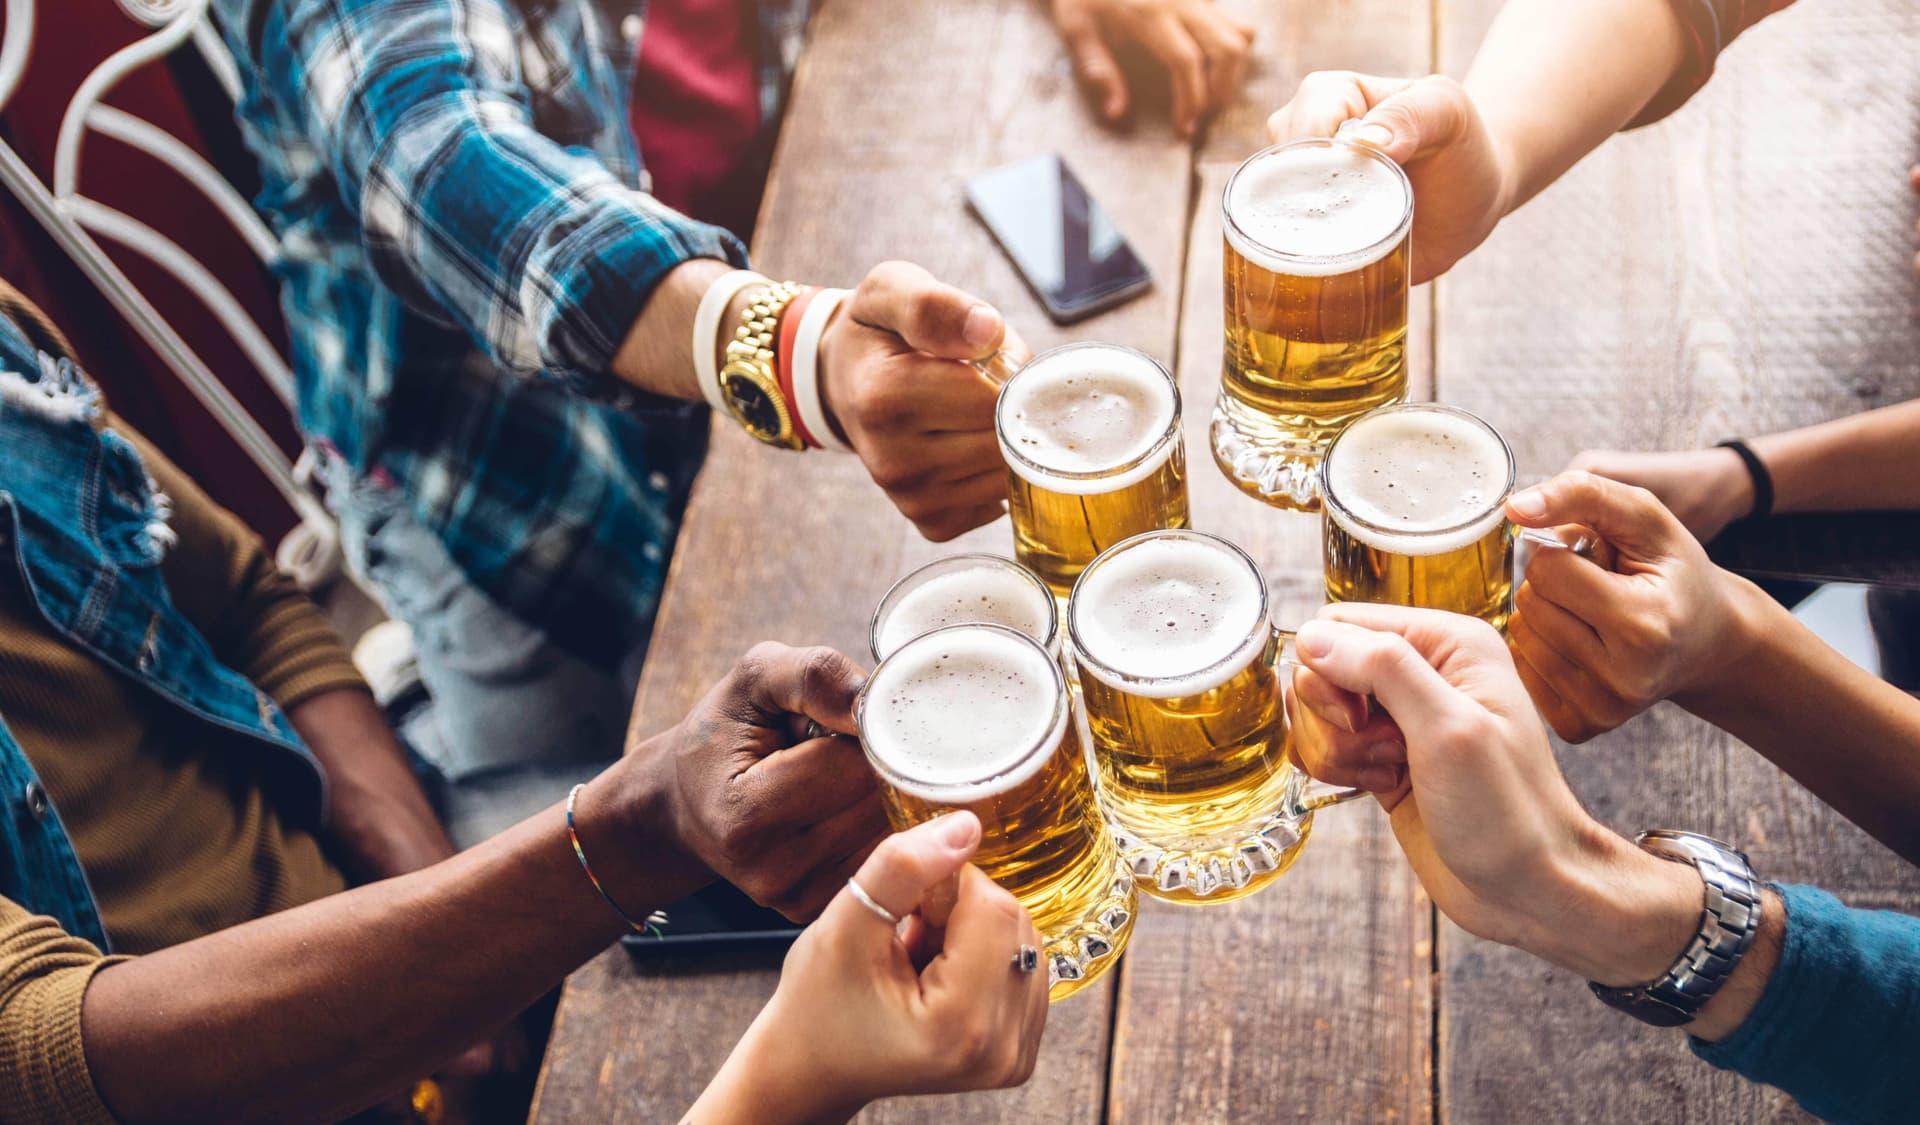 Mehrere Hände halten Biergläser und prosten sich zu.